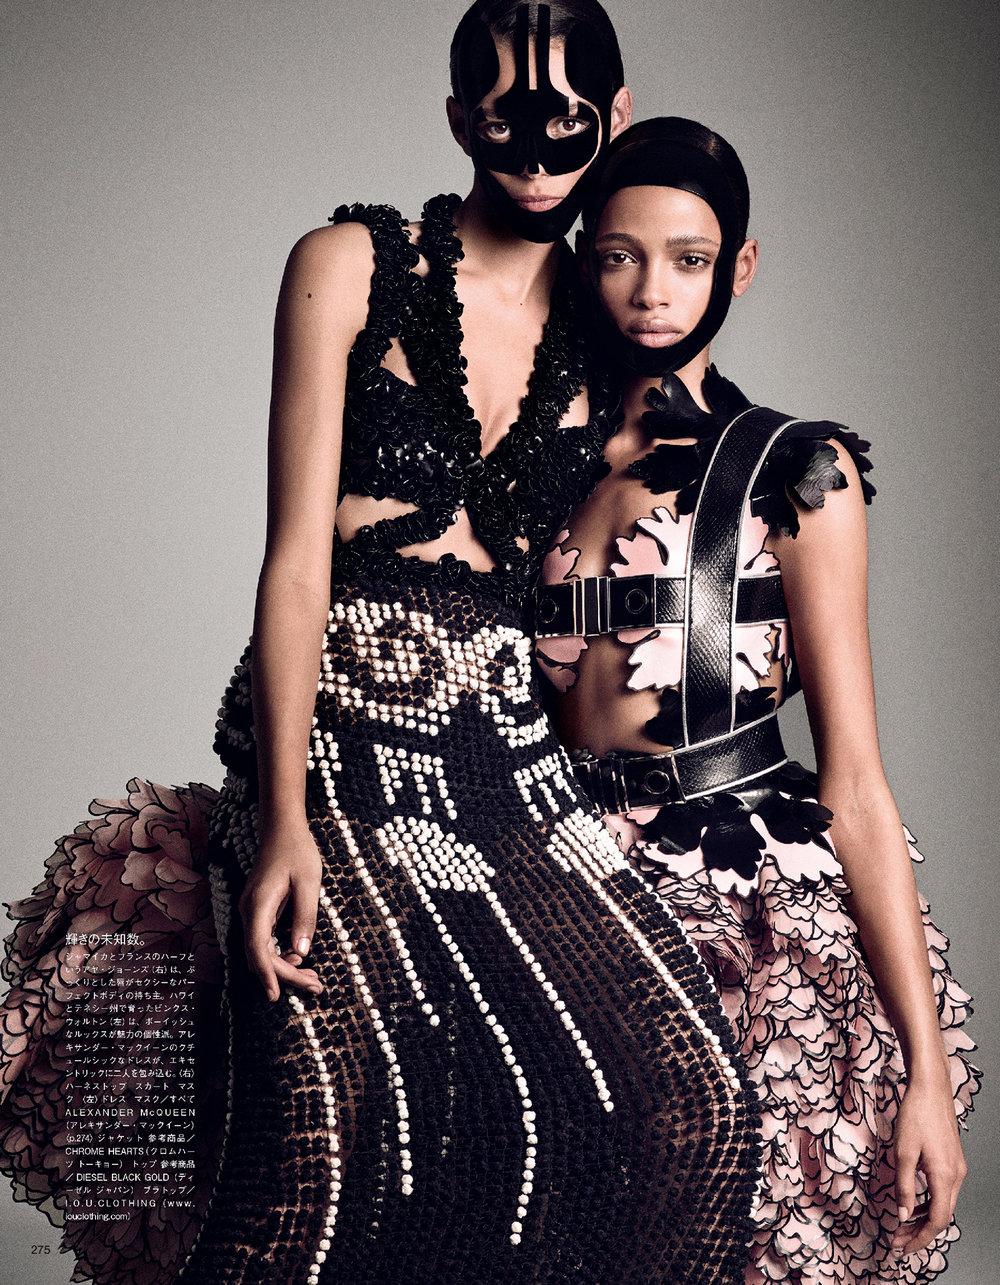 Giovanna-Battaglia-Vogue-Japan-March-2015-Digital-Generation-19.jpg